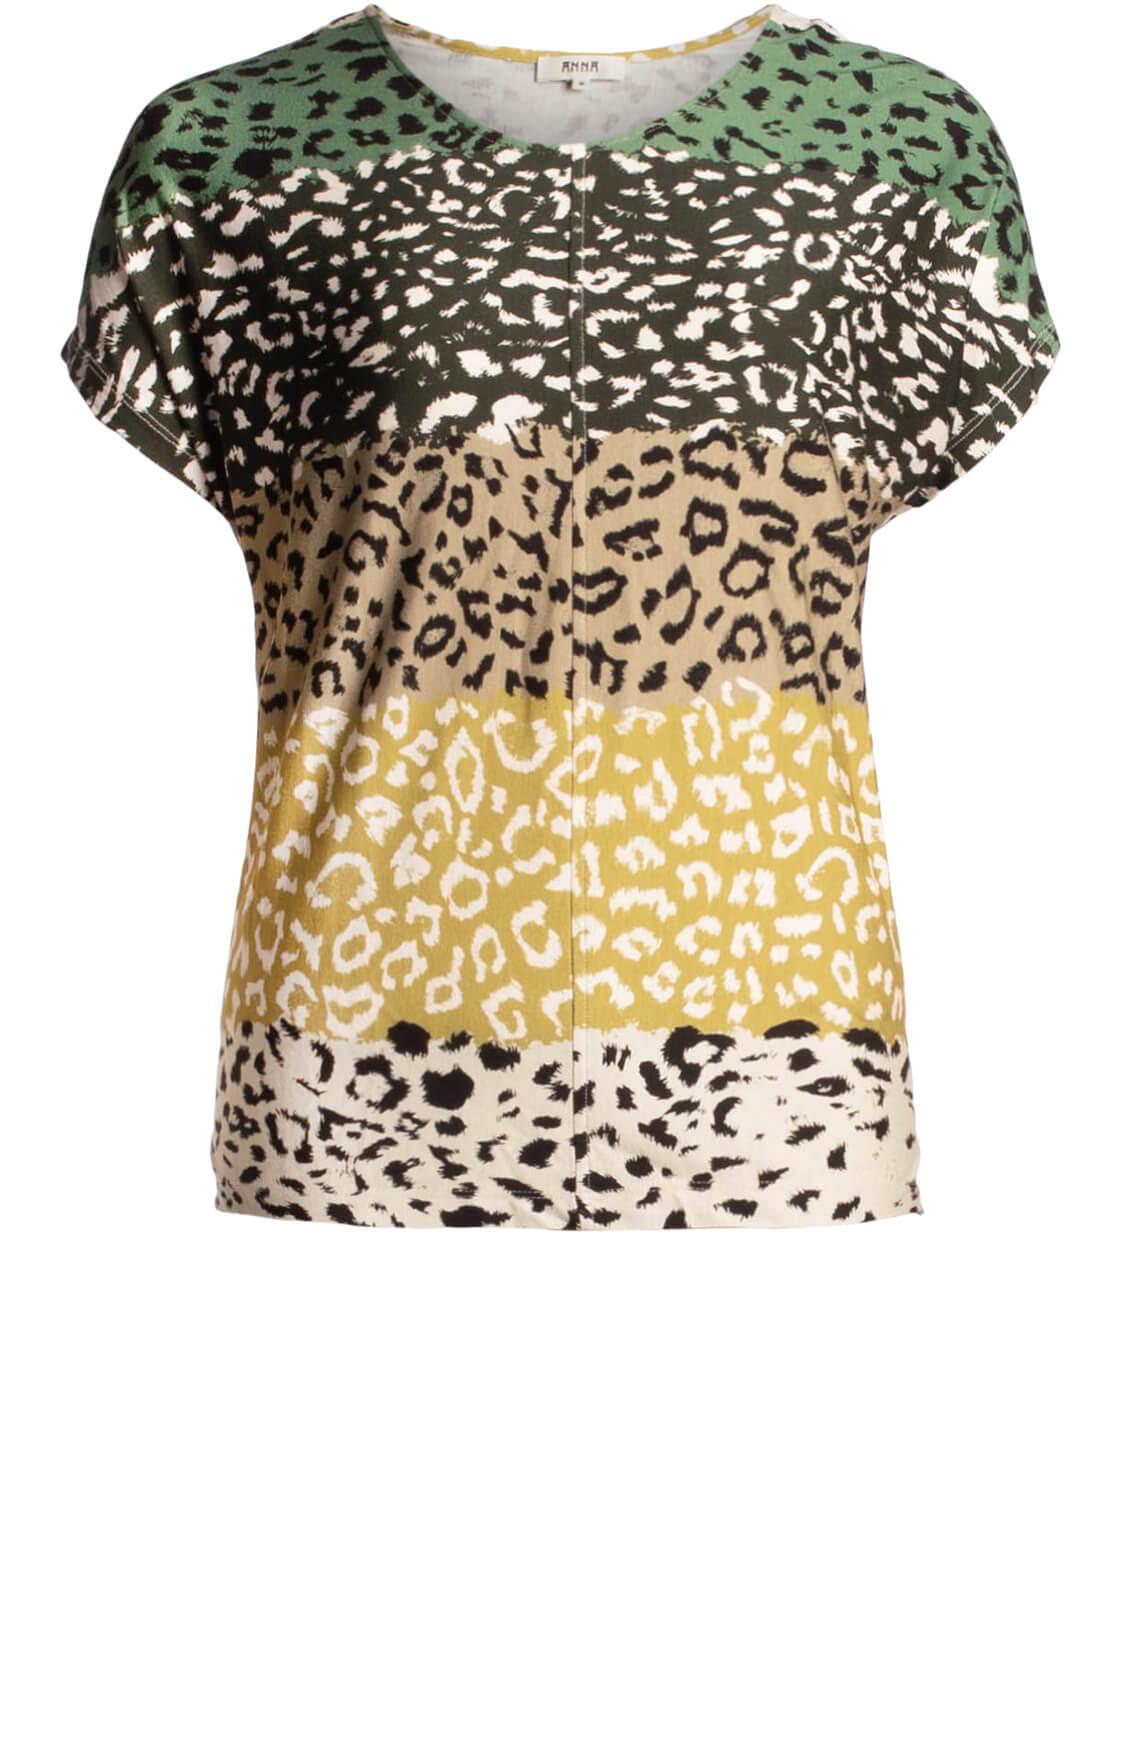 Anna Dames Shirt met animalprint groen